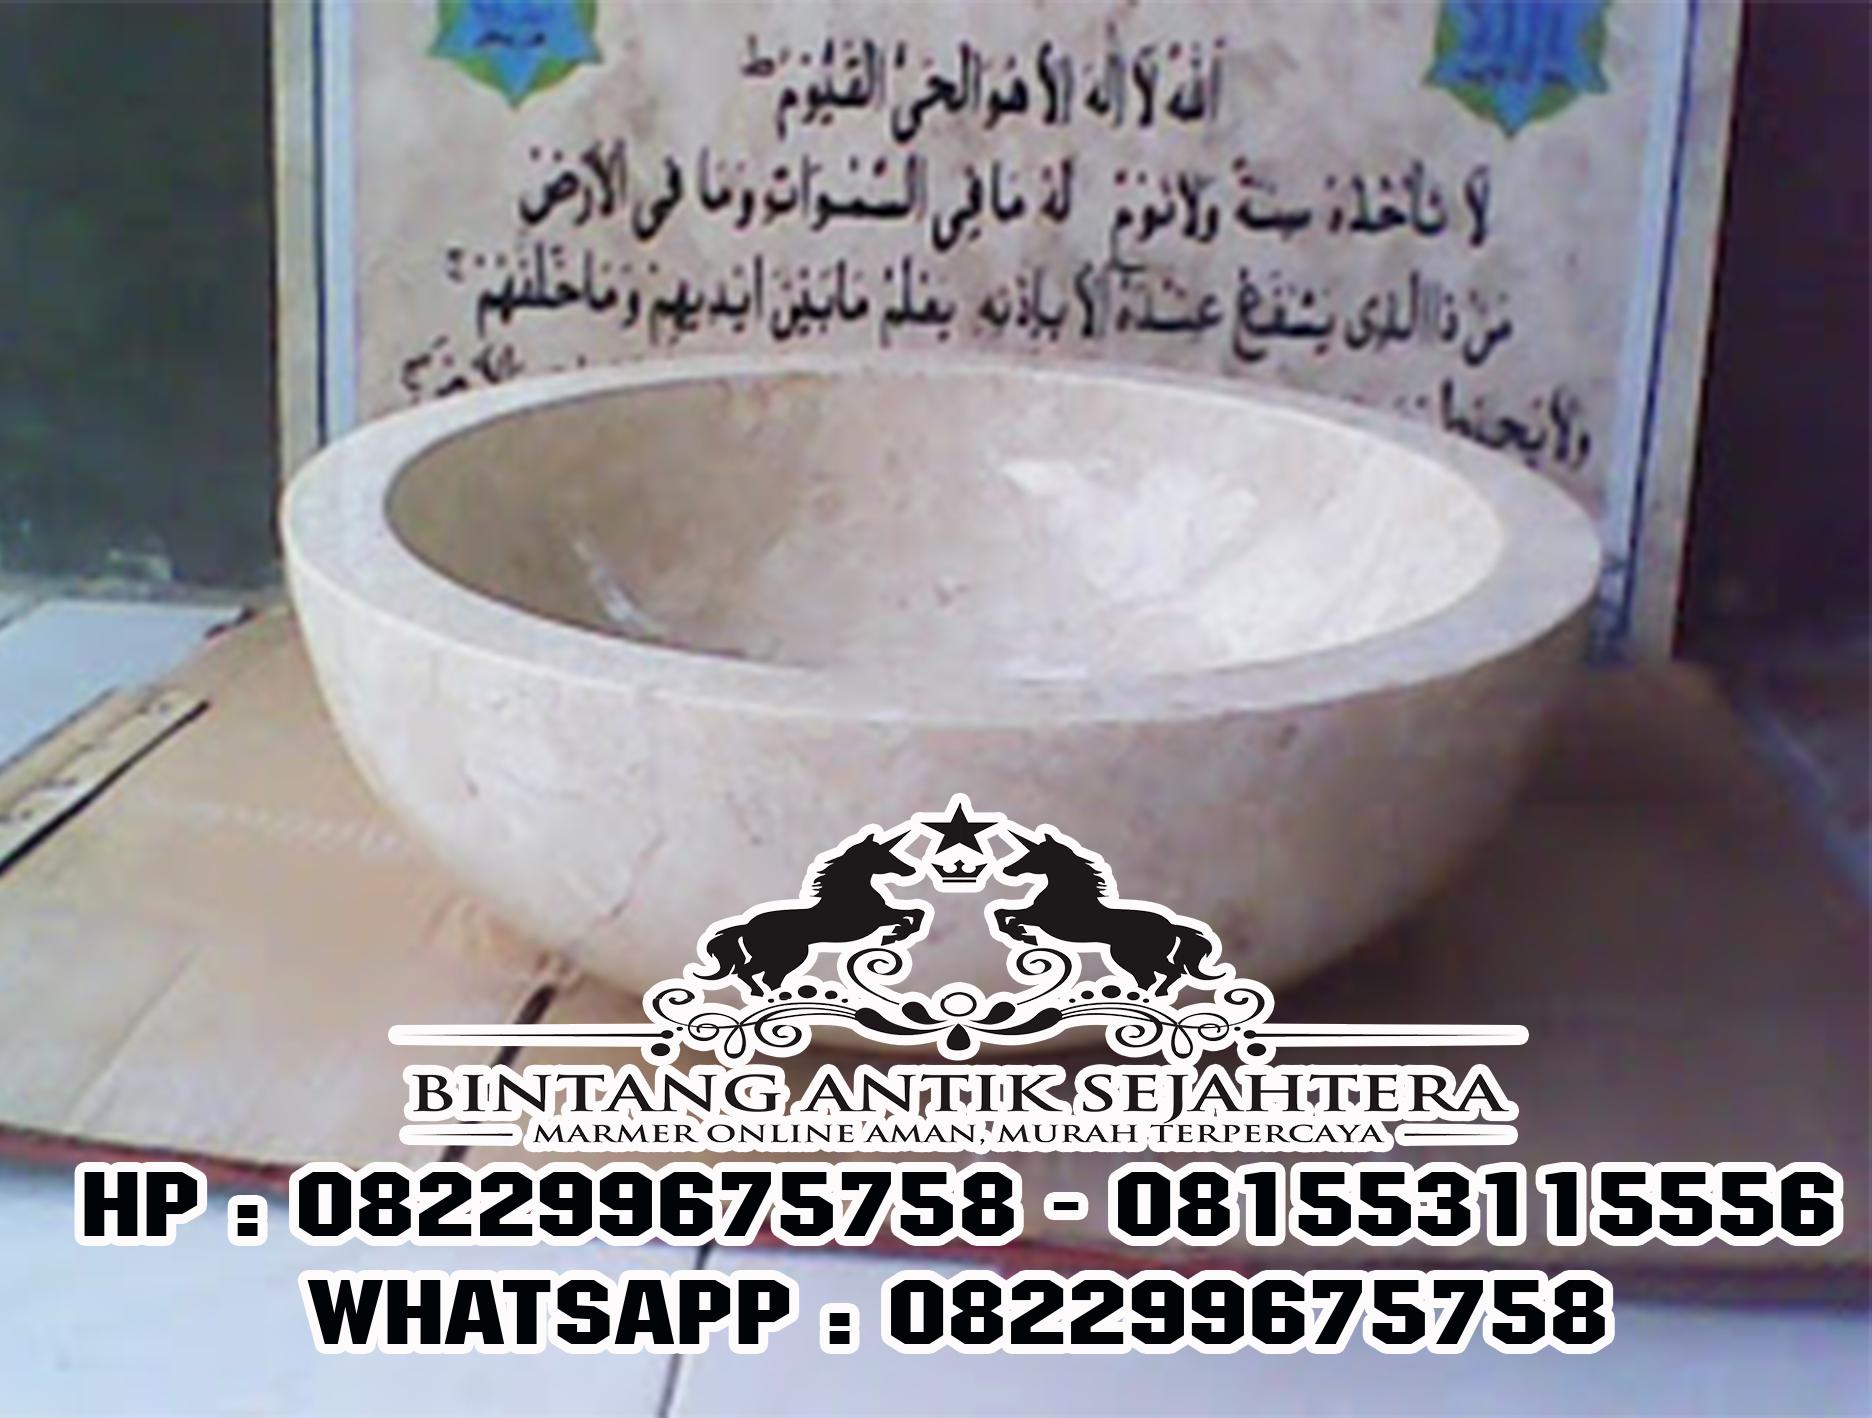 Wastafel Bulat Berbahan Marmer | Jual Wastafel Bulat bahan Marmer